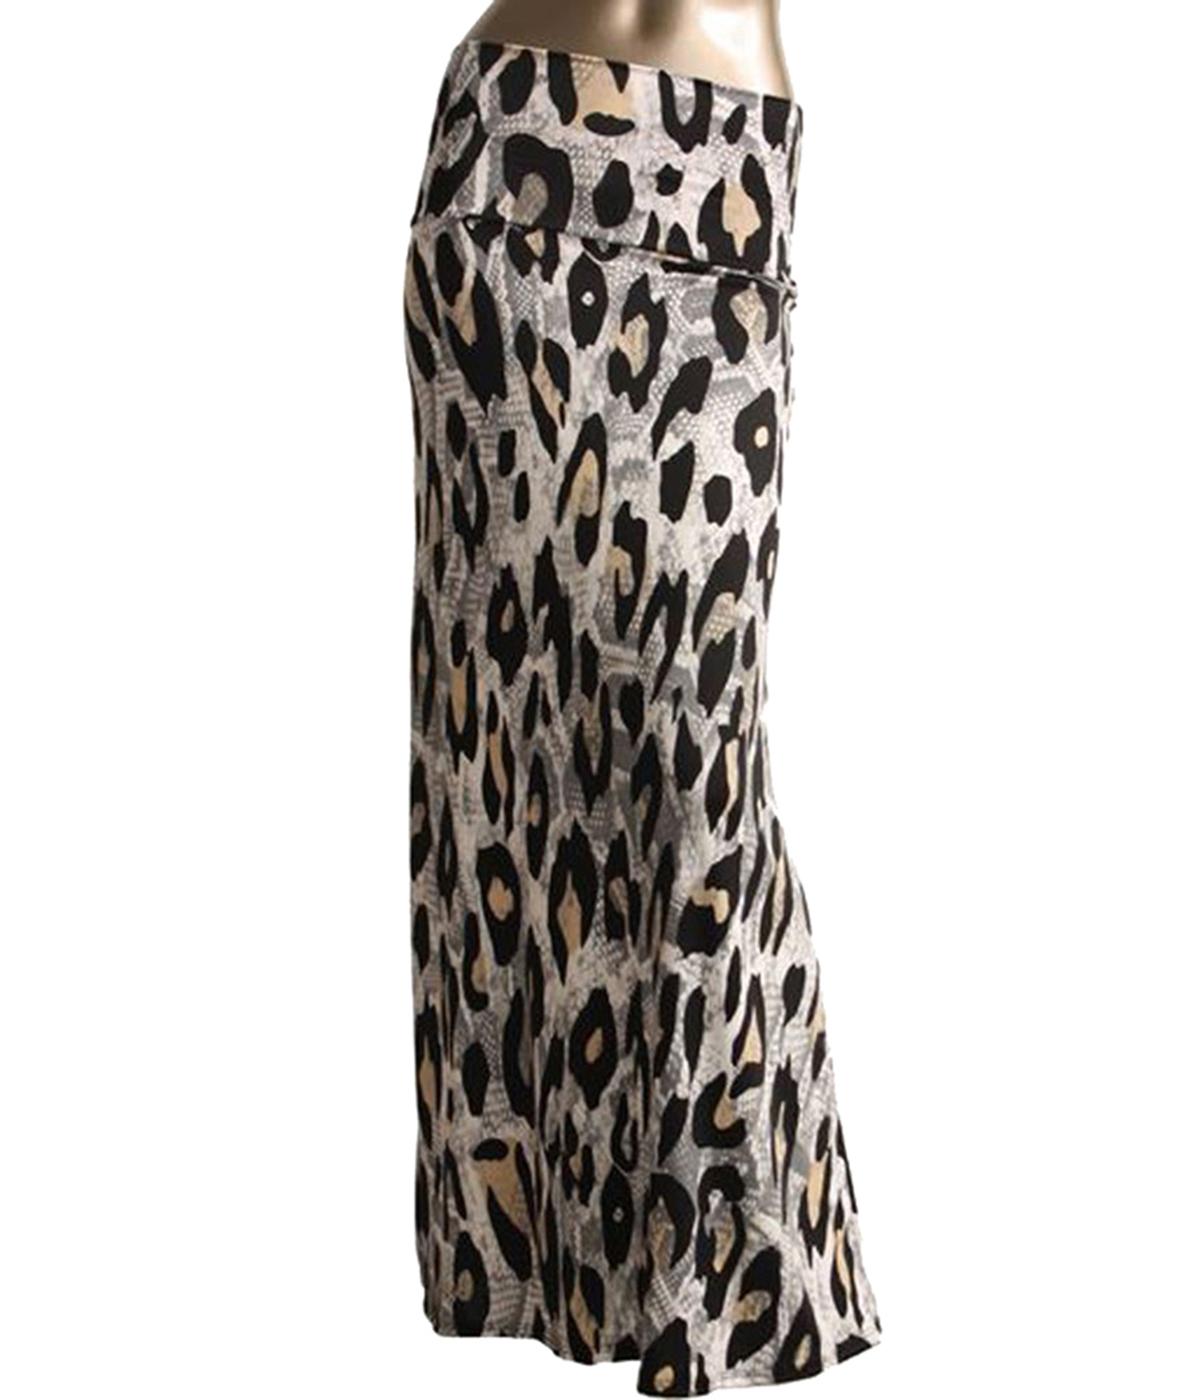 BelleDonne - Women's Maxi Skirt Rayon Stretchy Long Skirt High Waist Skirt - Cream/Small